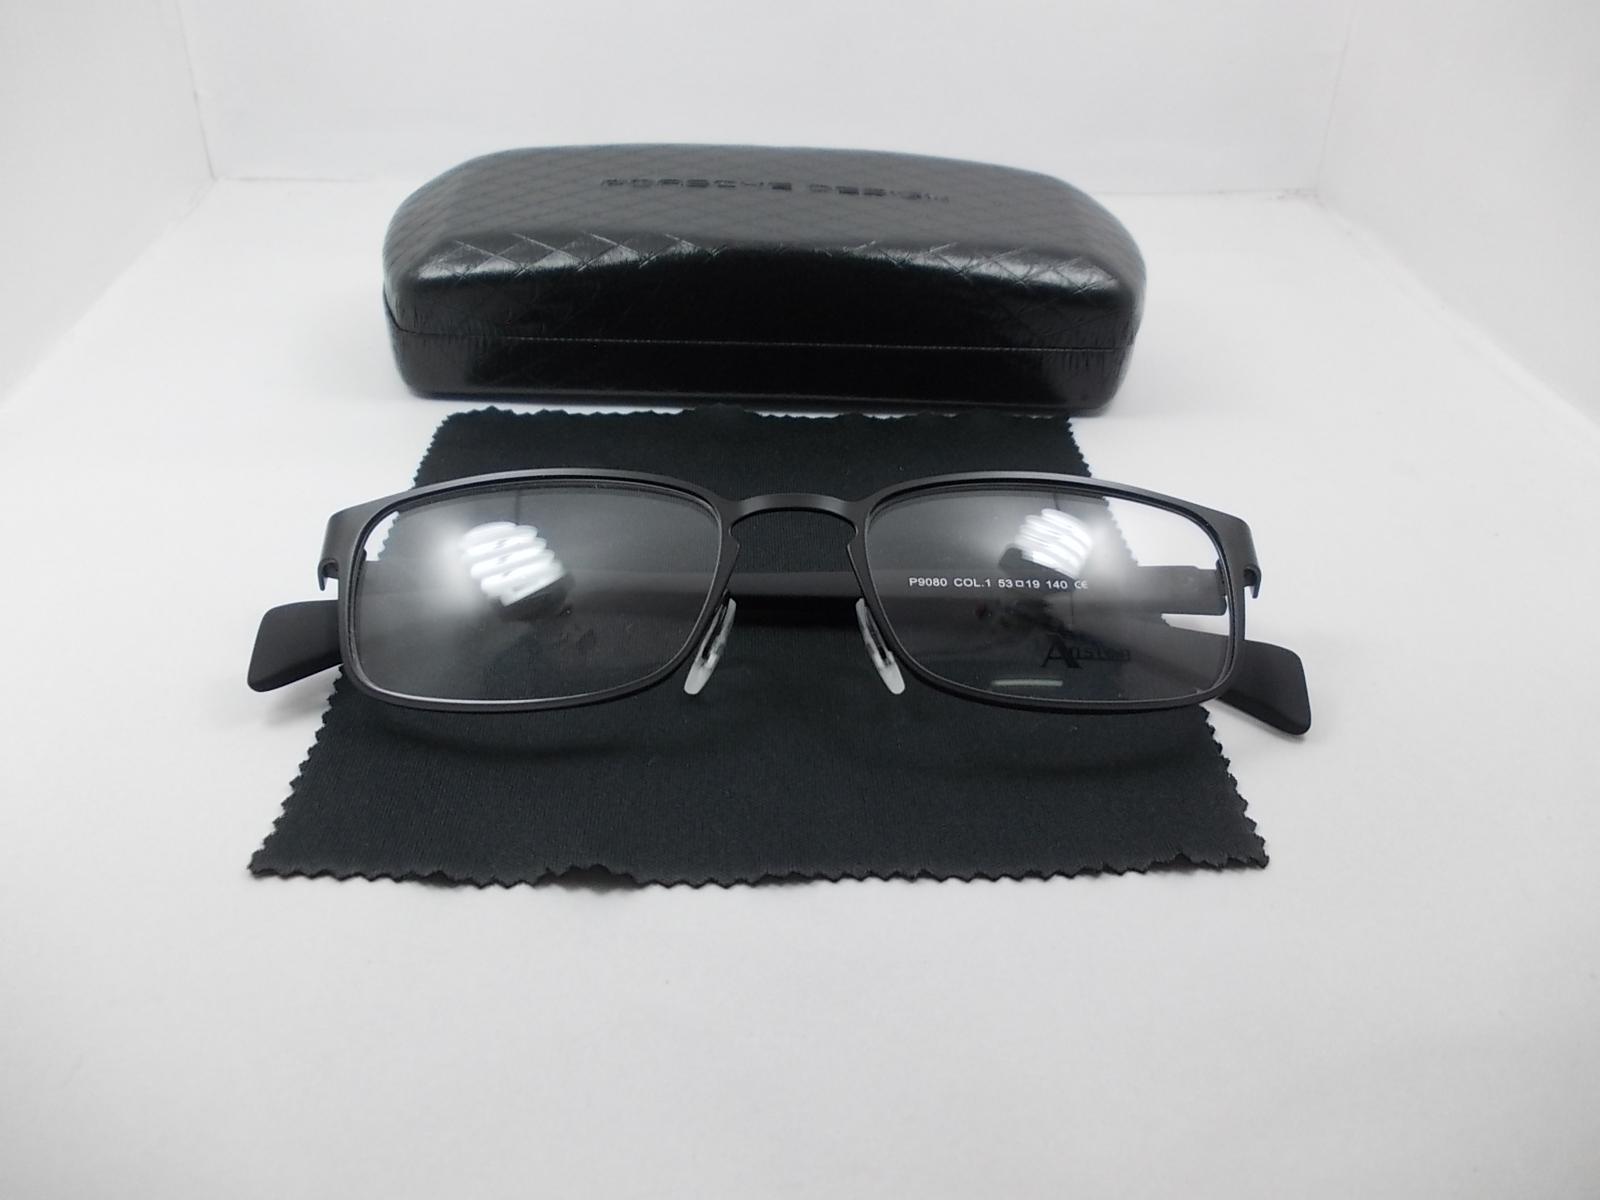 กรอบแว่นตานำเข้า P9080N กรอบดำ